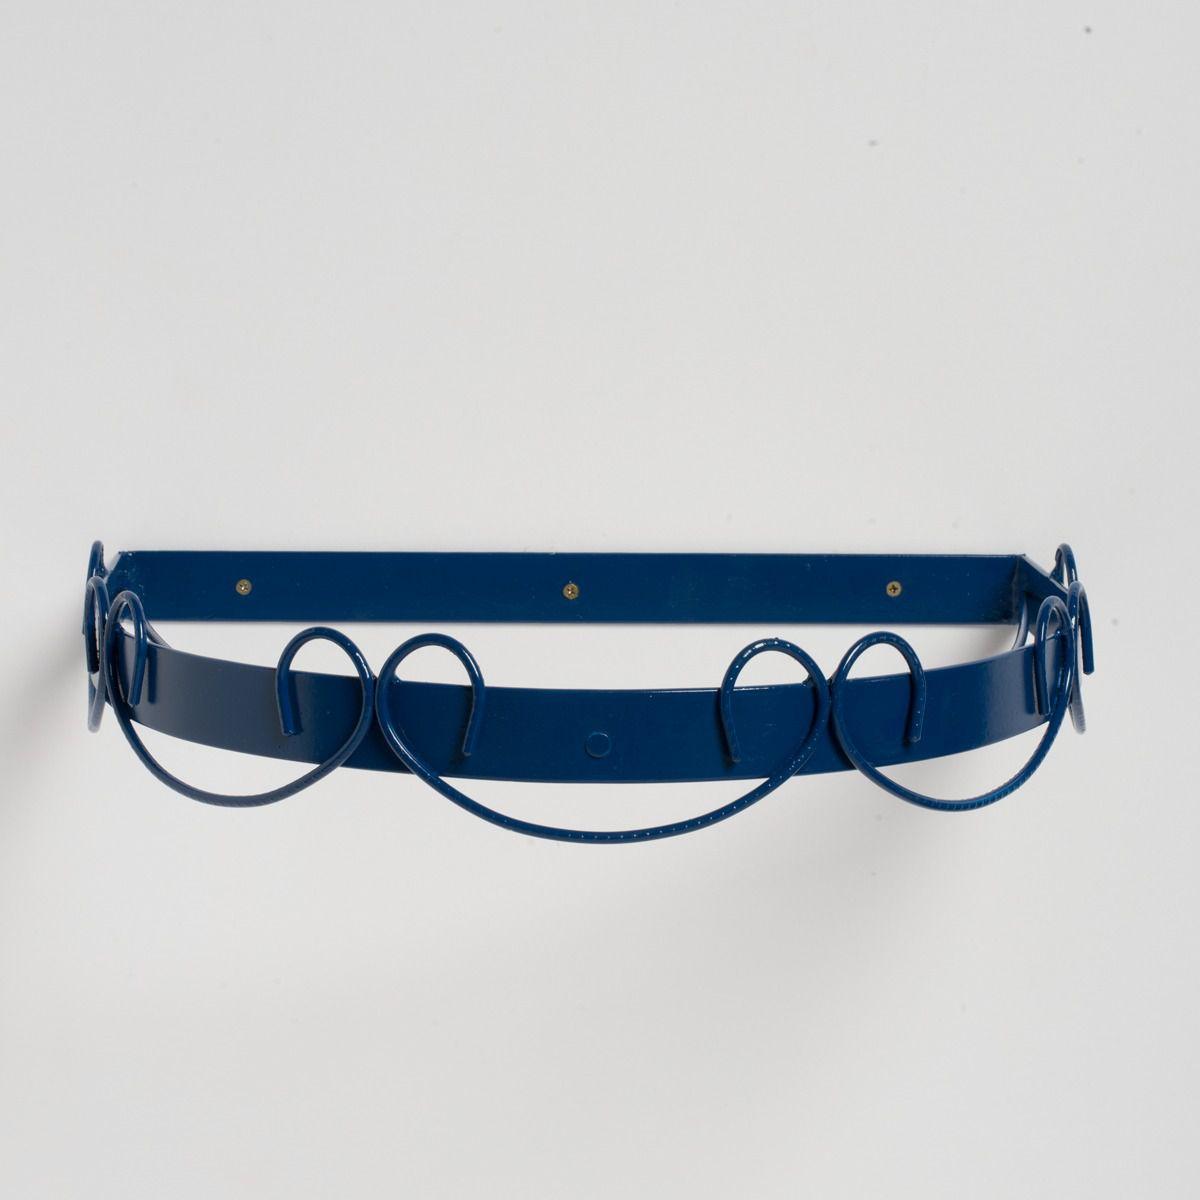 Dossel Arabesco Azul Marinho com Mosquiteiro de Voil Palha